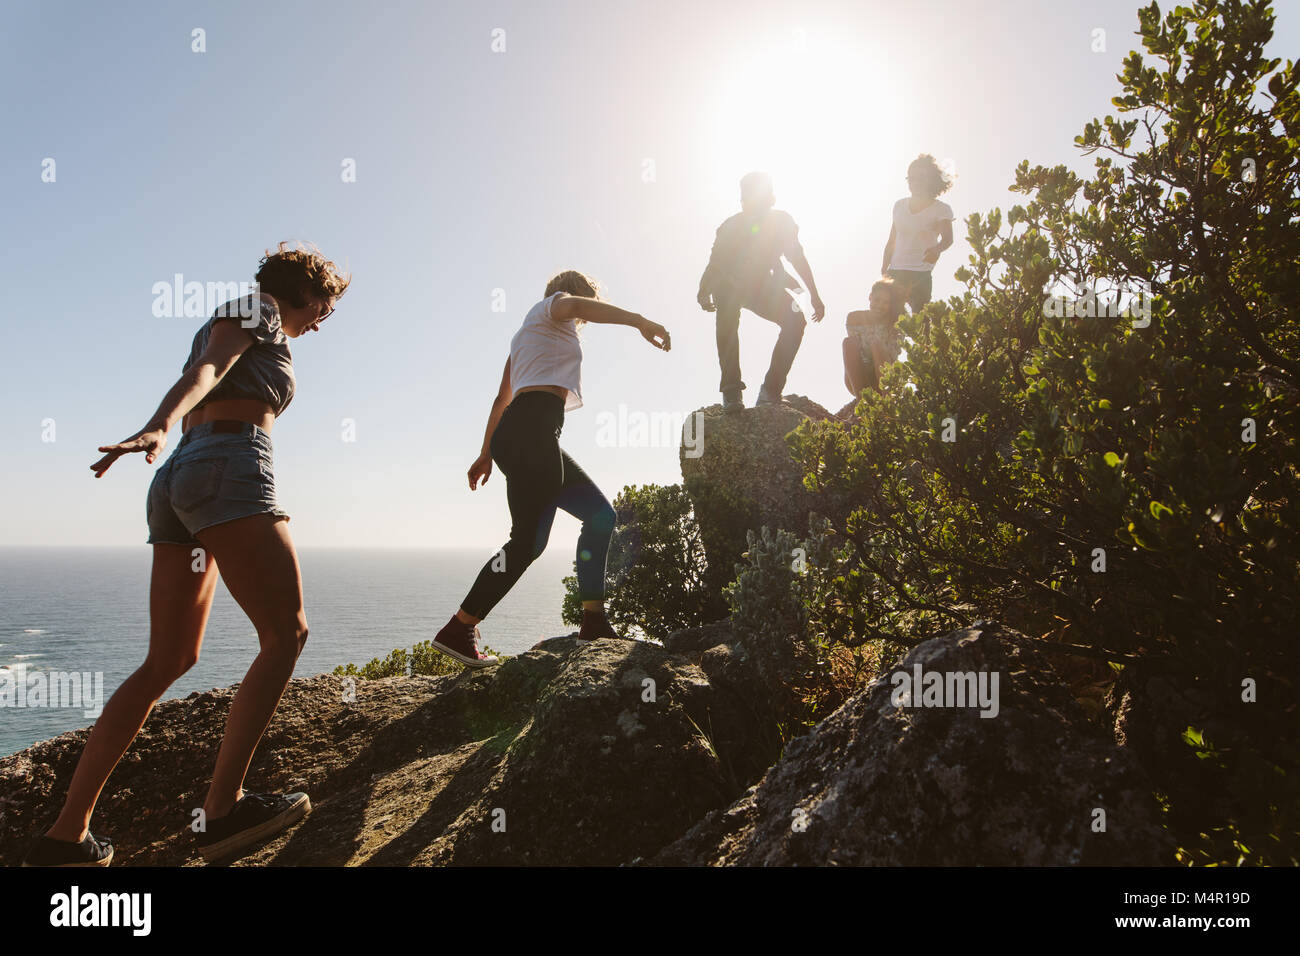 Groupe d'amis sur une montagne. Les jeunes en montagne randonnée sur une journée d'été. Photo Stock